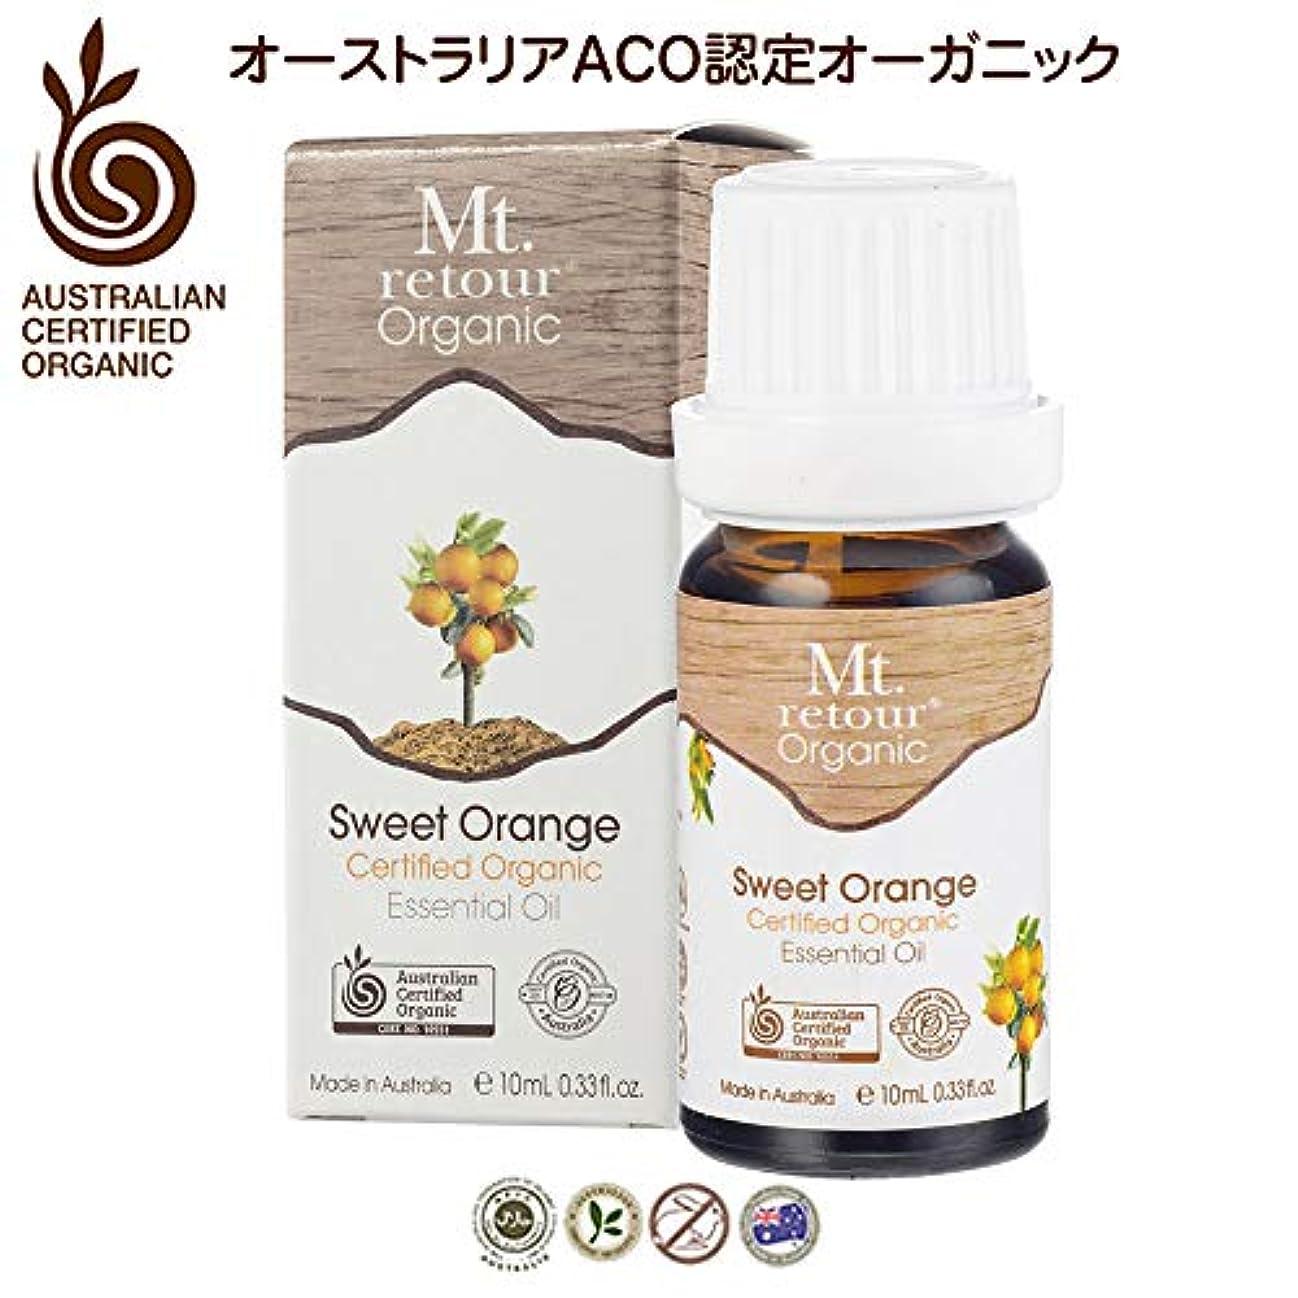 市長多様なモスクMt. retour ACO認定オーガニック オレンジスイート 10ml エッセンシャルオイル(無農薬有機)アロマ